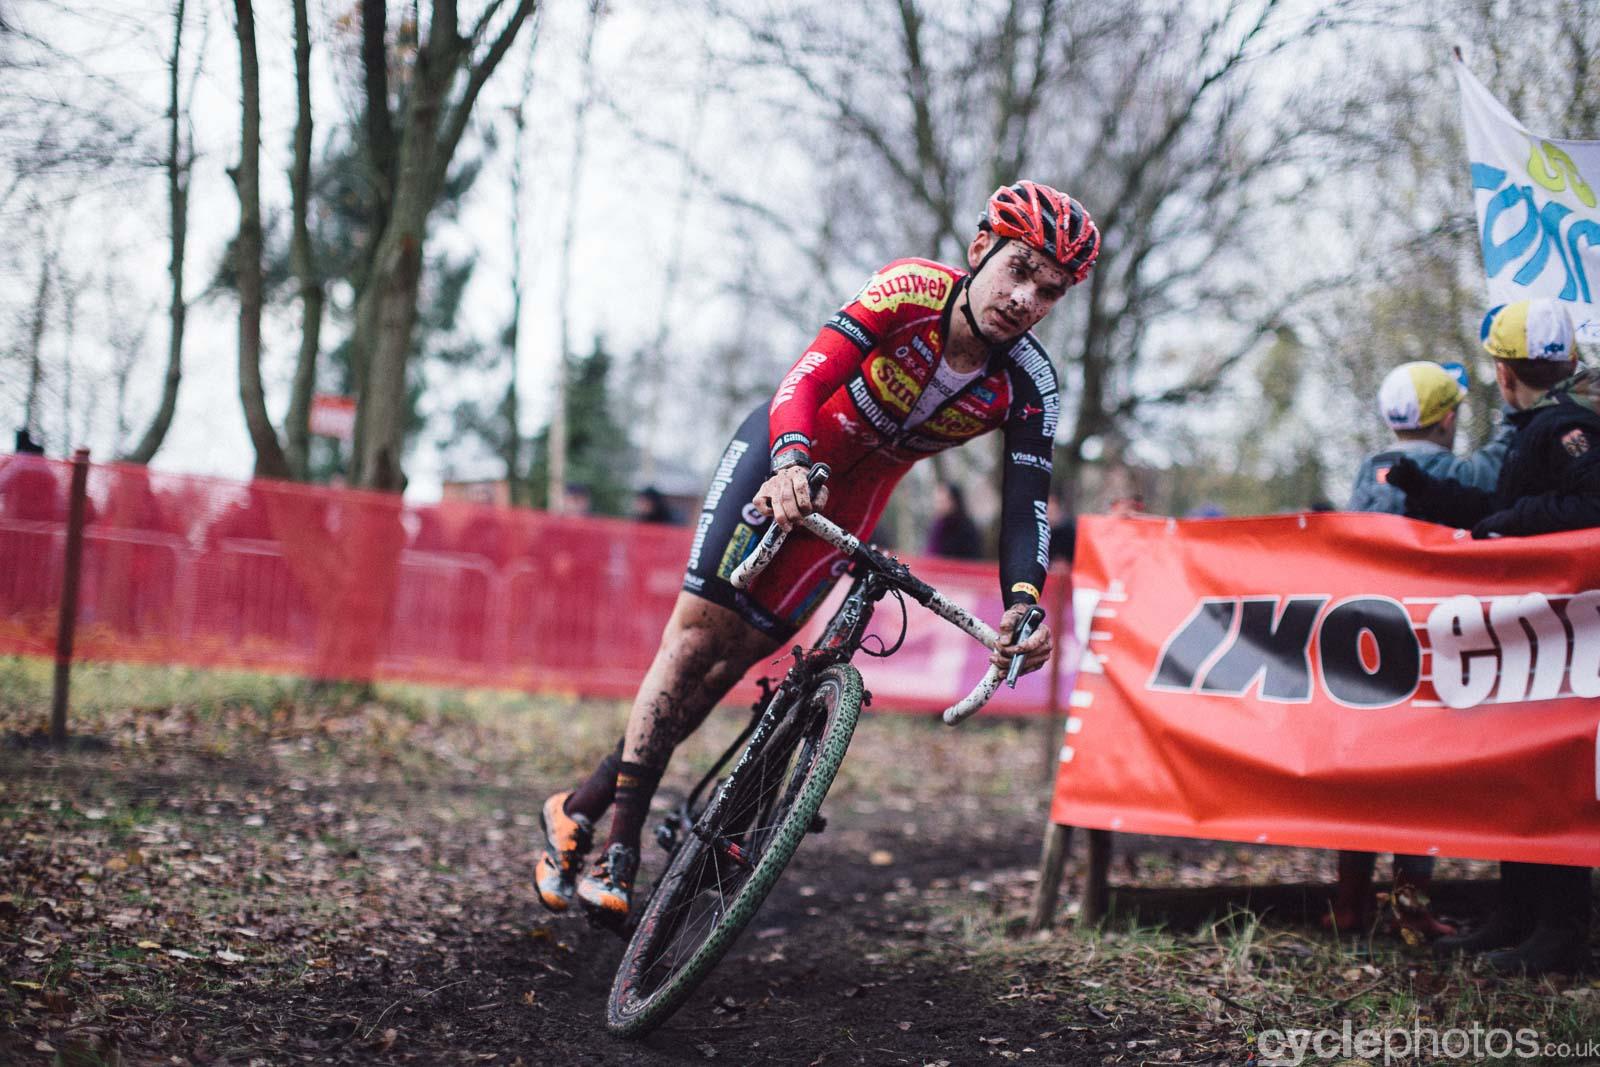 2015-cyclephotos-cyclocross-essen-153859-gianni-vermeersch